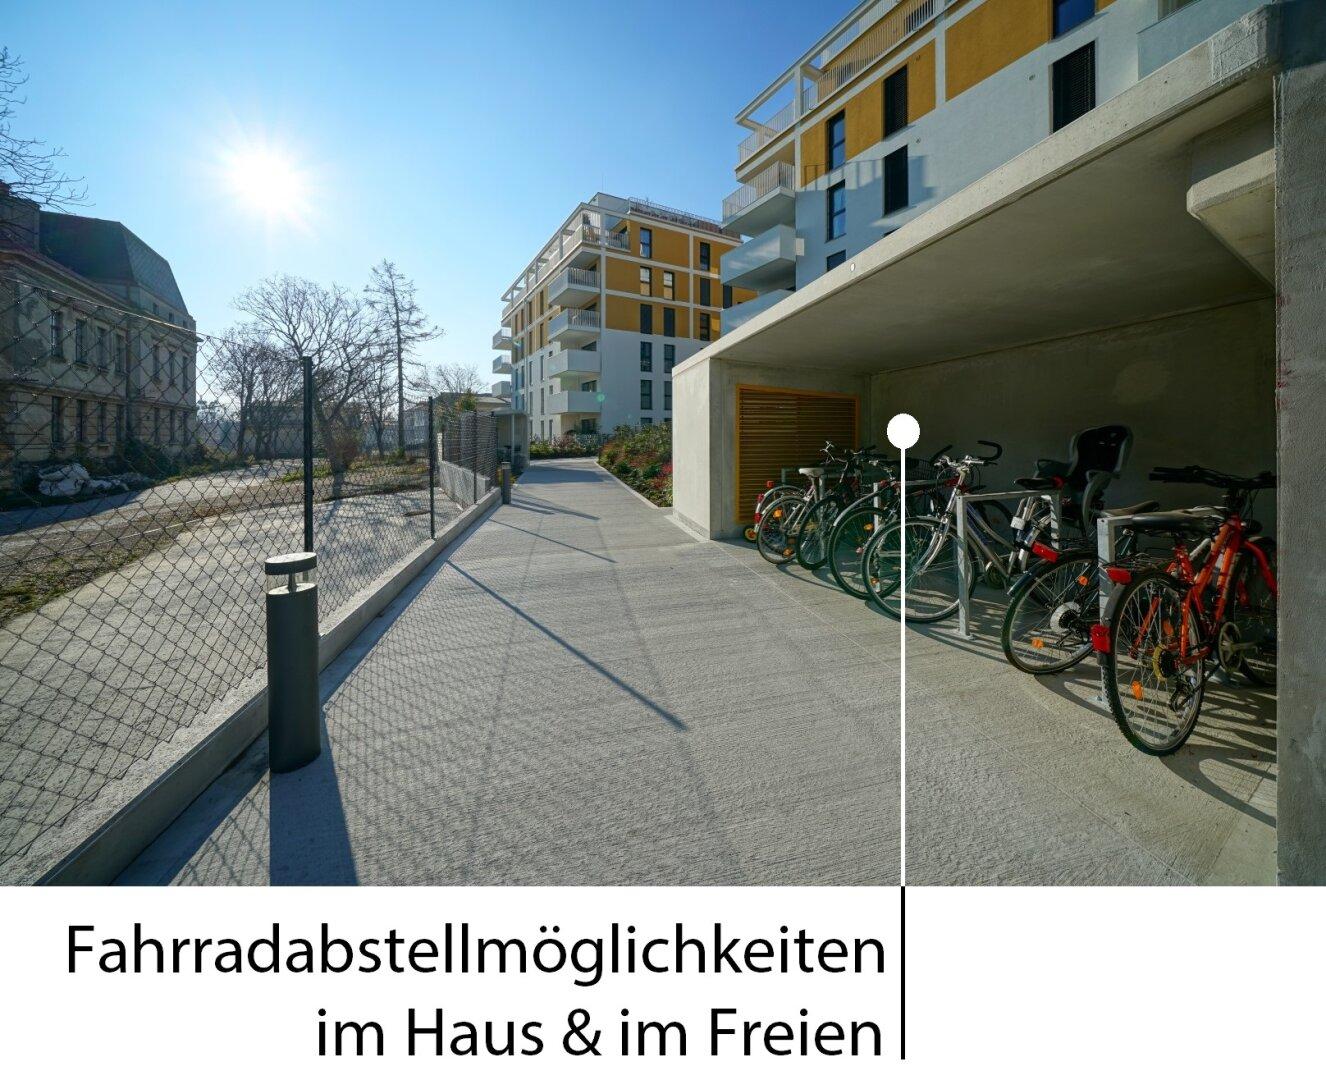 Fahrradabstellmöglichkeiten im Freien